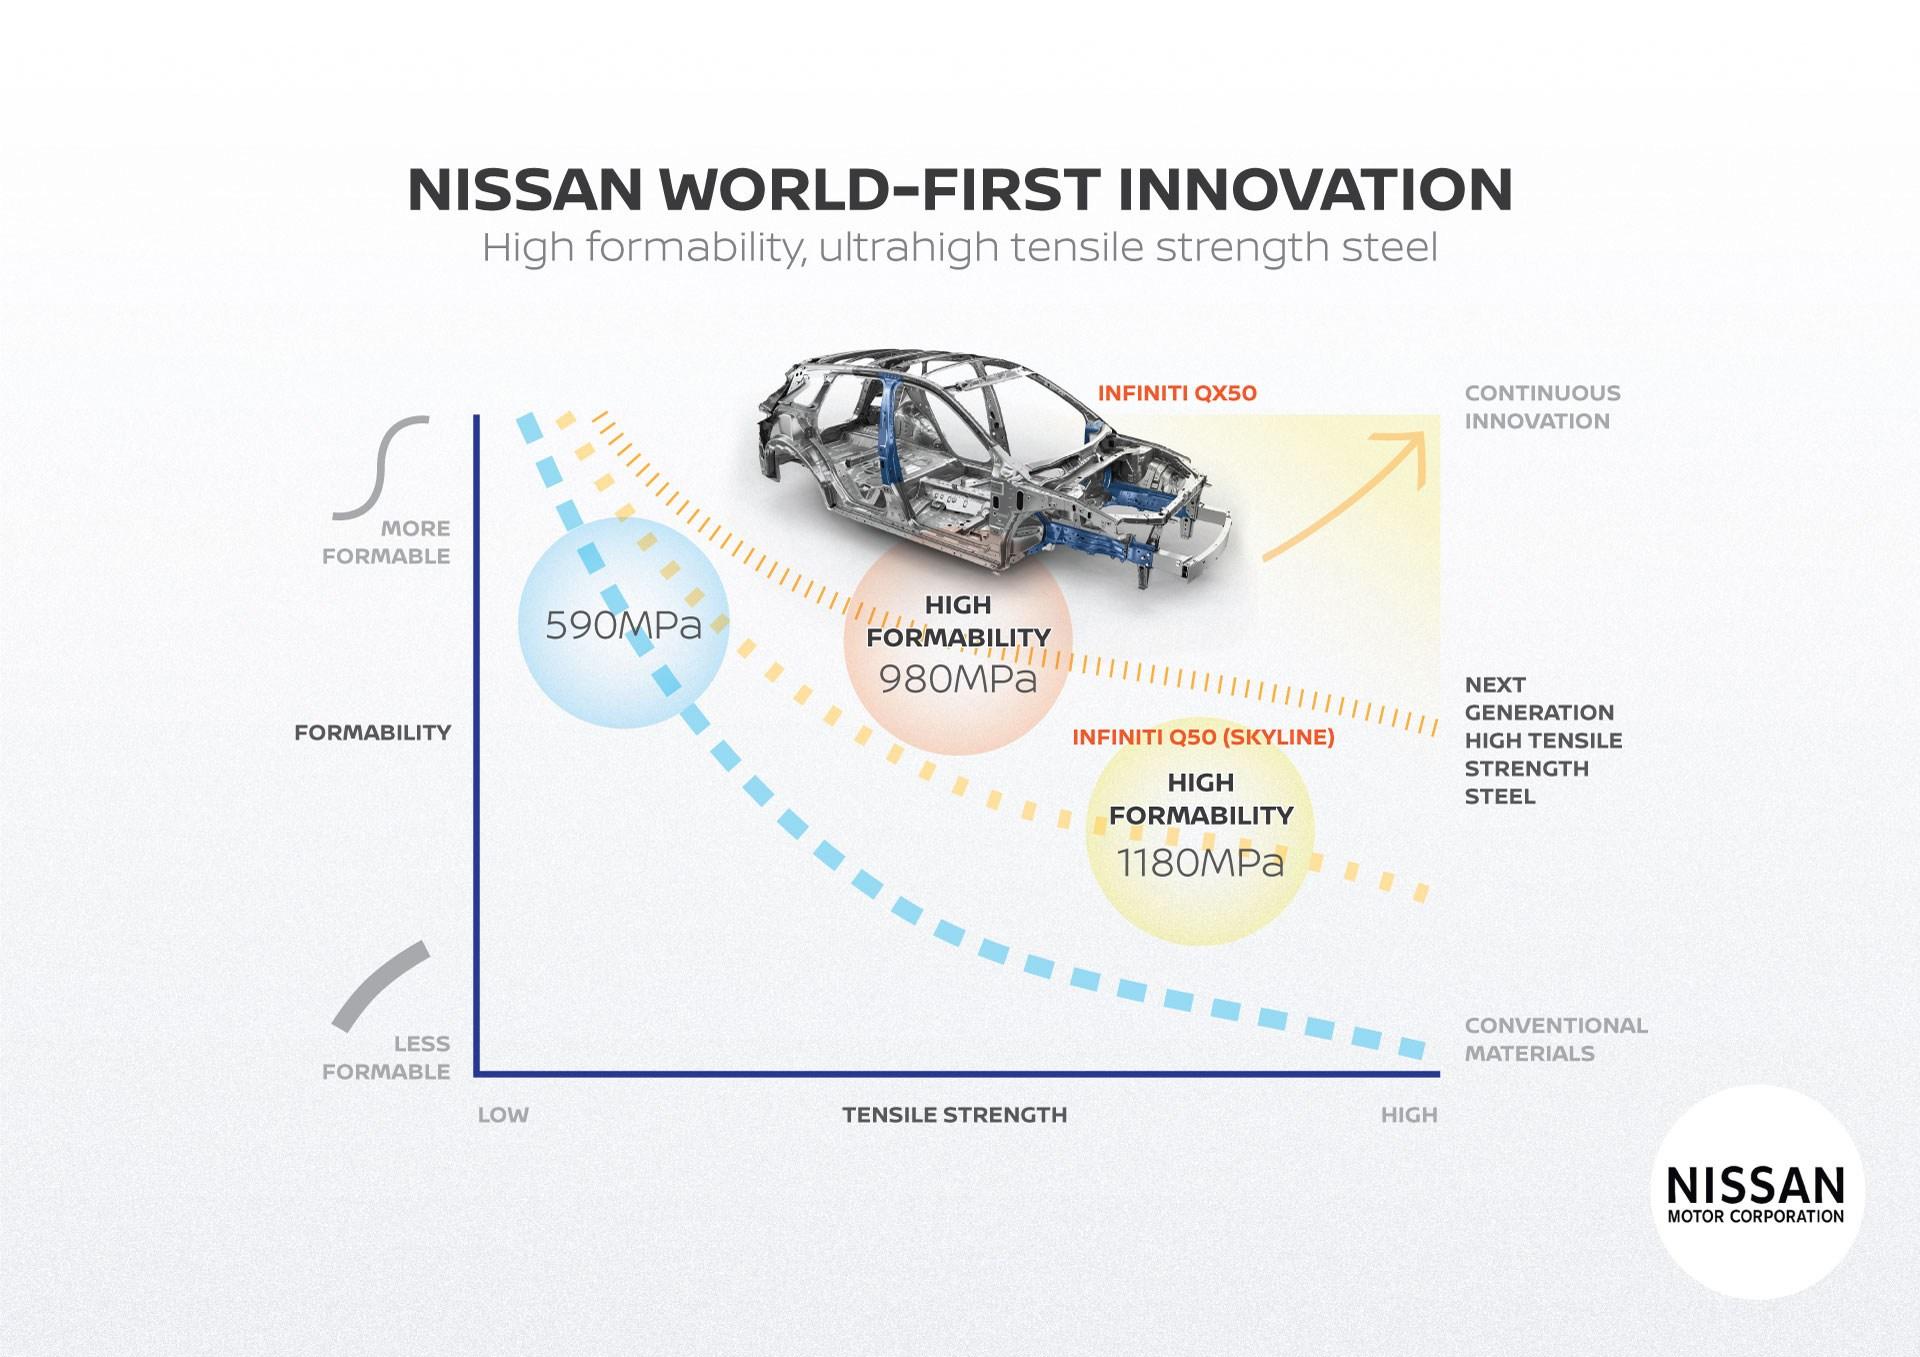 Υπερ-ύψηλης αντοχής χάλυβα σε περισσότερα νέα οχήματα της θα χρησιμοποιεί η Nissan